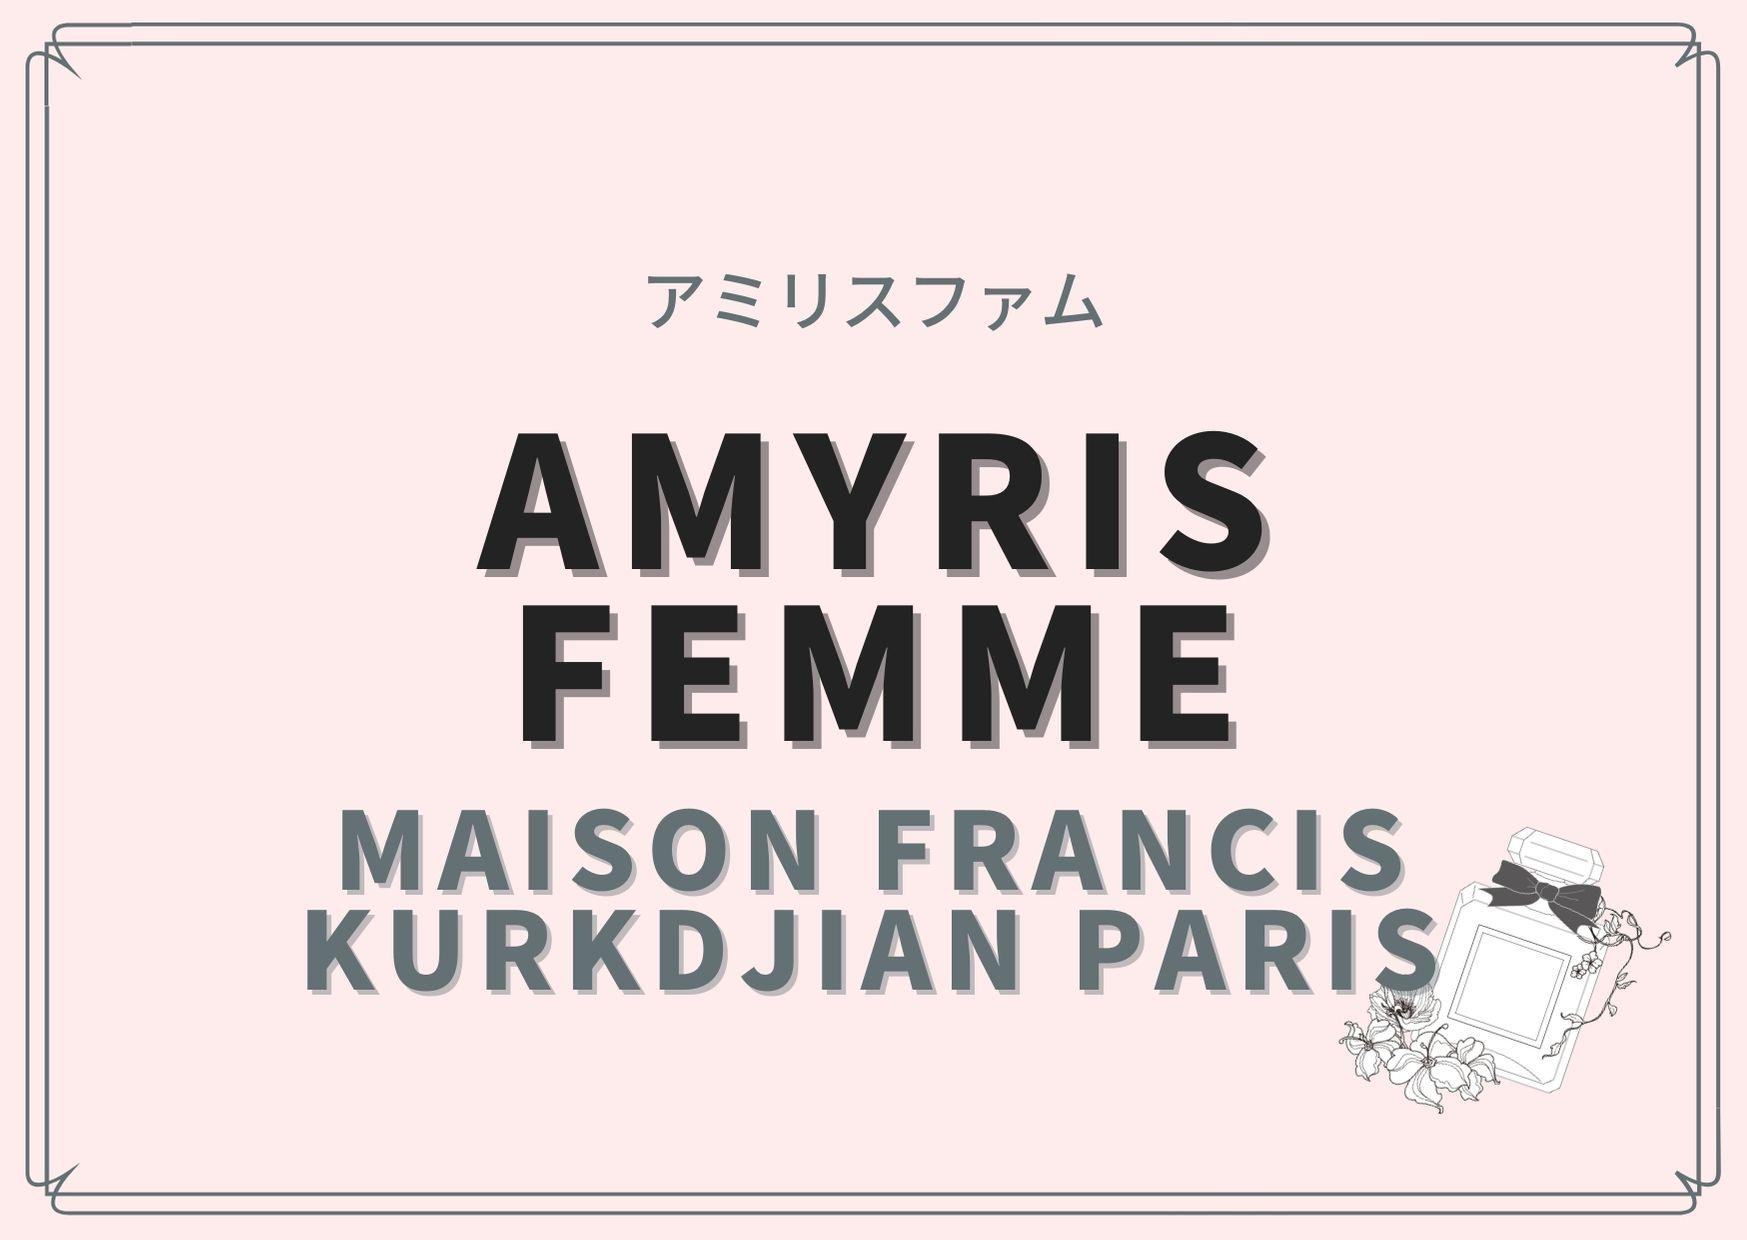 AMYRIS FEMME(アミリスファム) / Maison Francis Kurkdjian Paris(メゾン フランシス クルジャン)